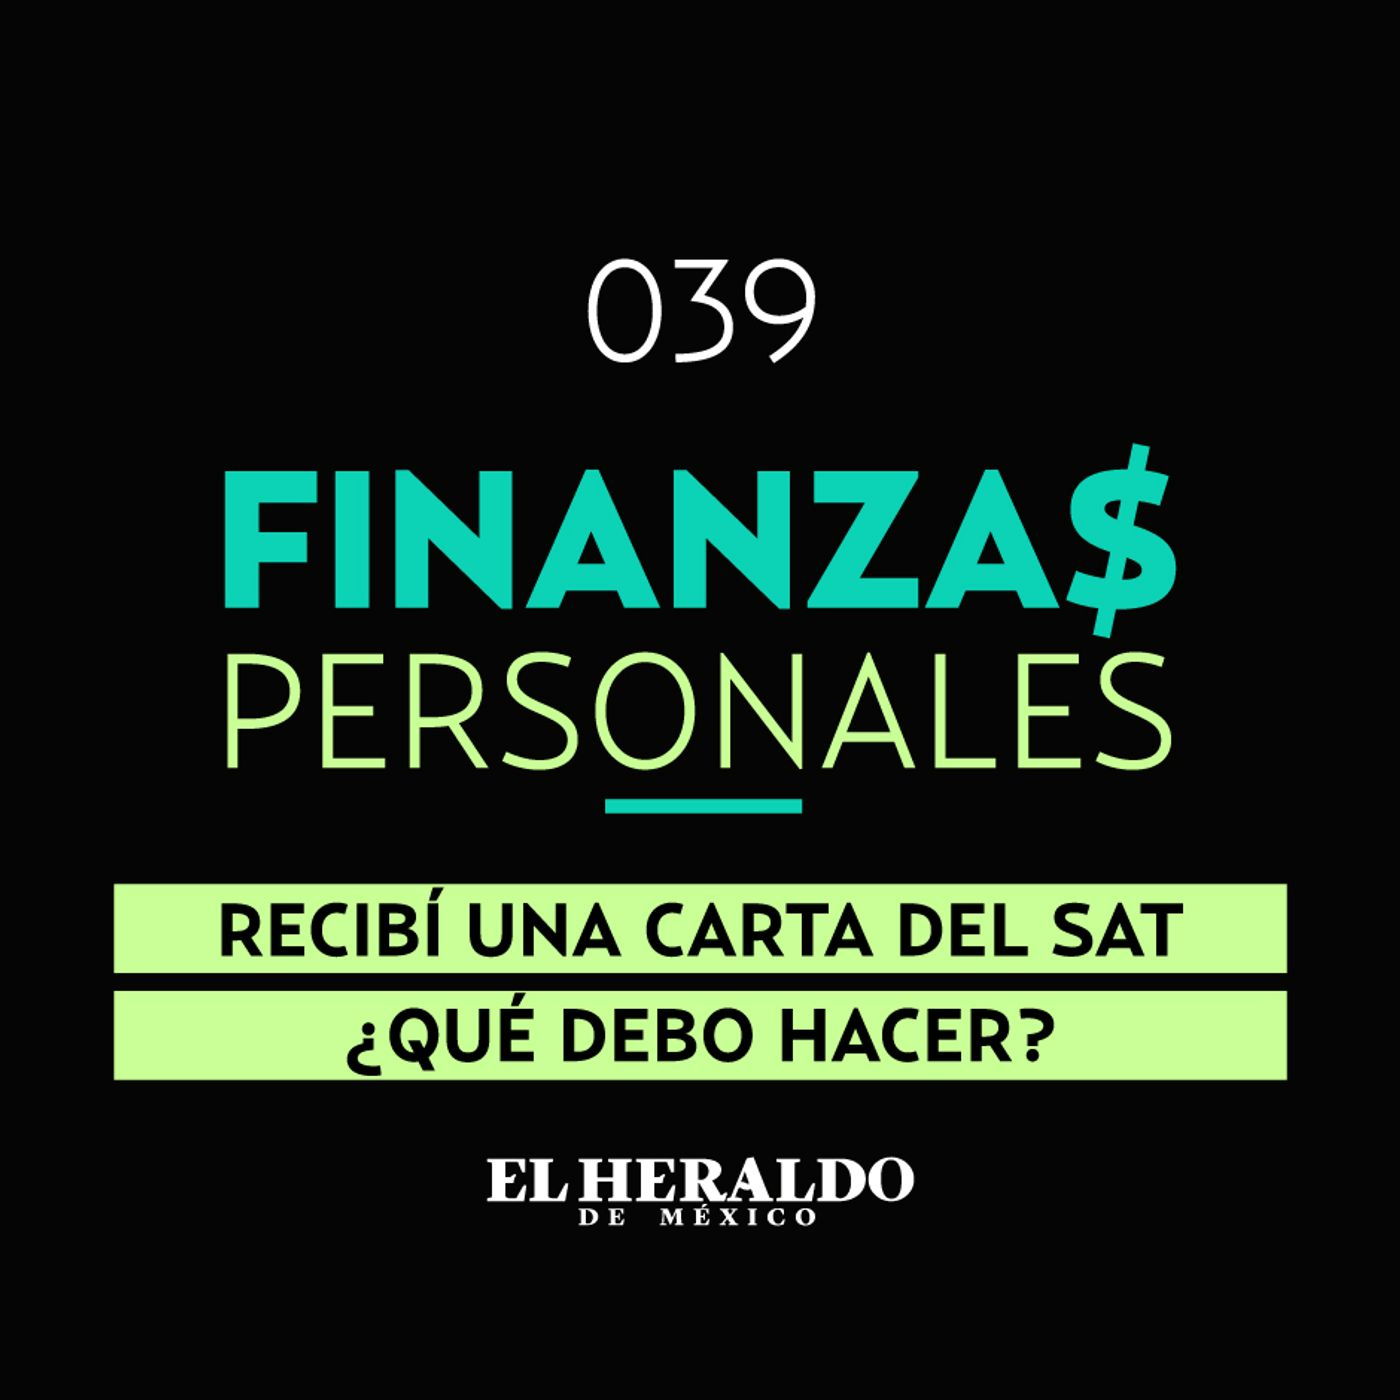 SAT | Finanzas Personales: Carta Invitación, ¿qué hacer y qué significa?